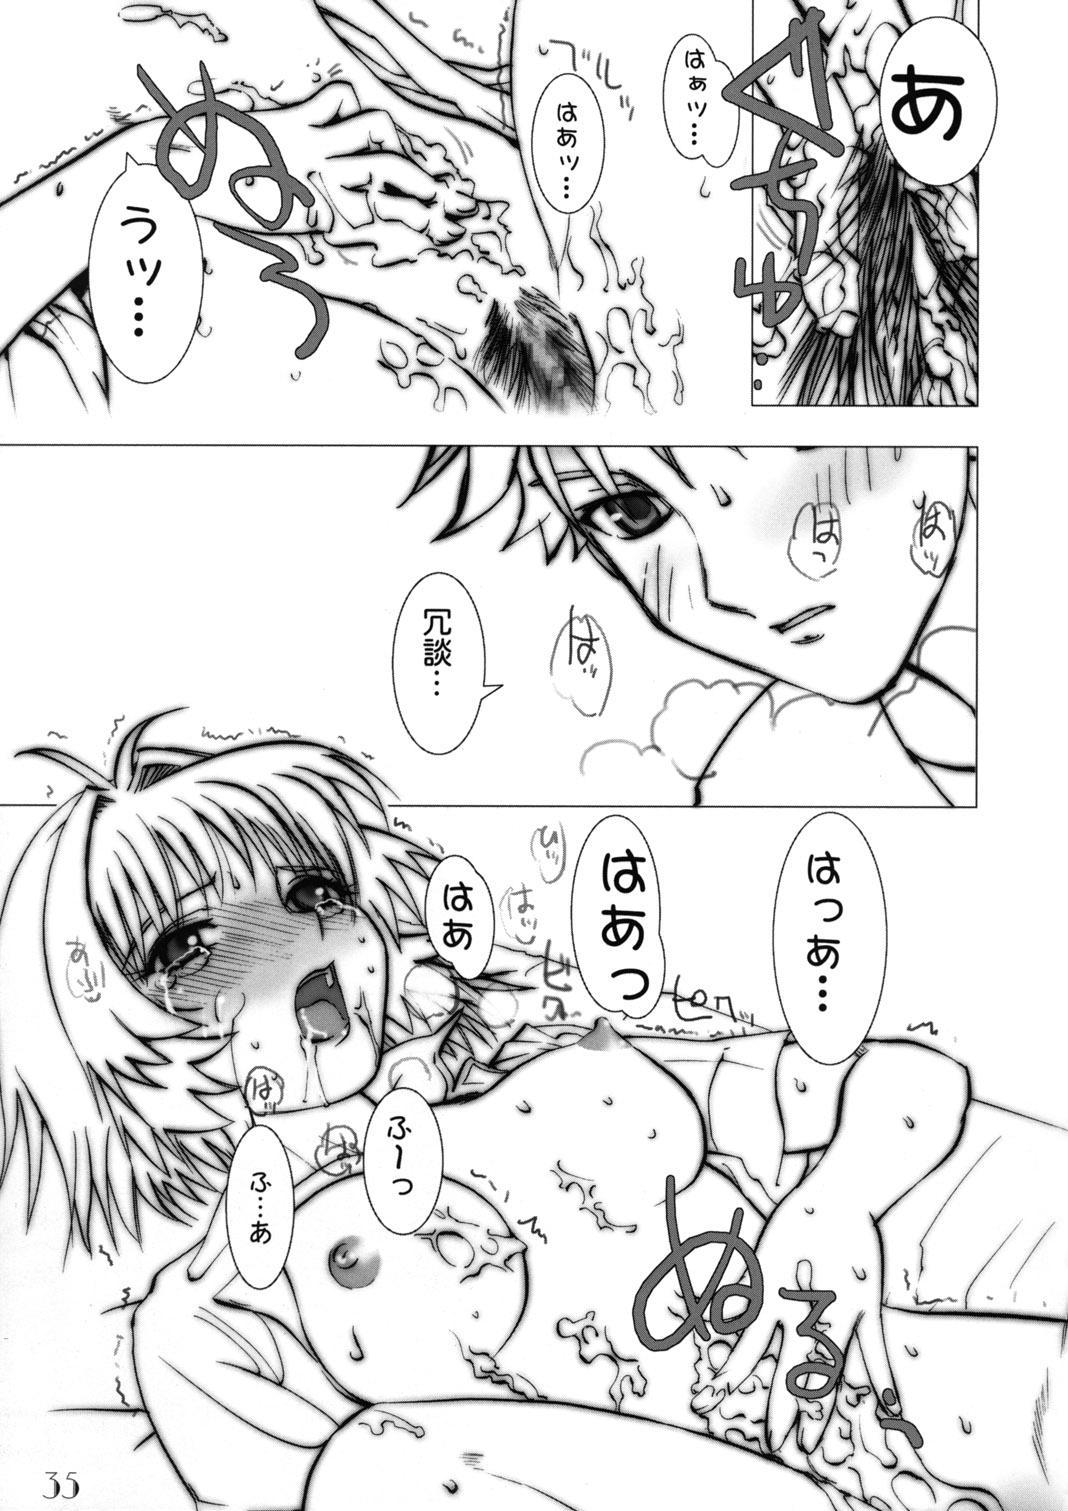 Slave Unit Vol.3 Hokka Hokka Musume 33